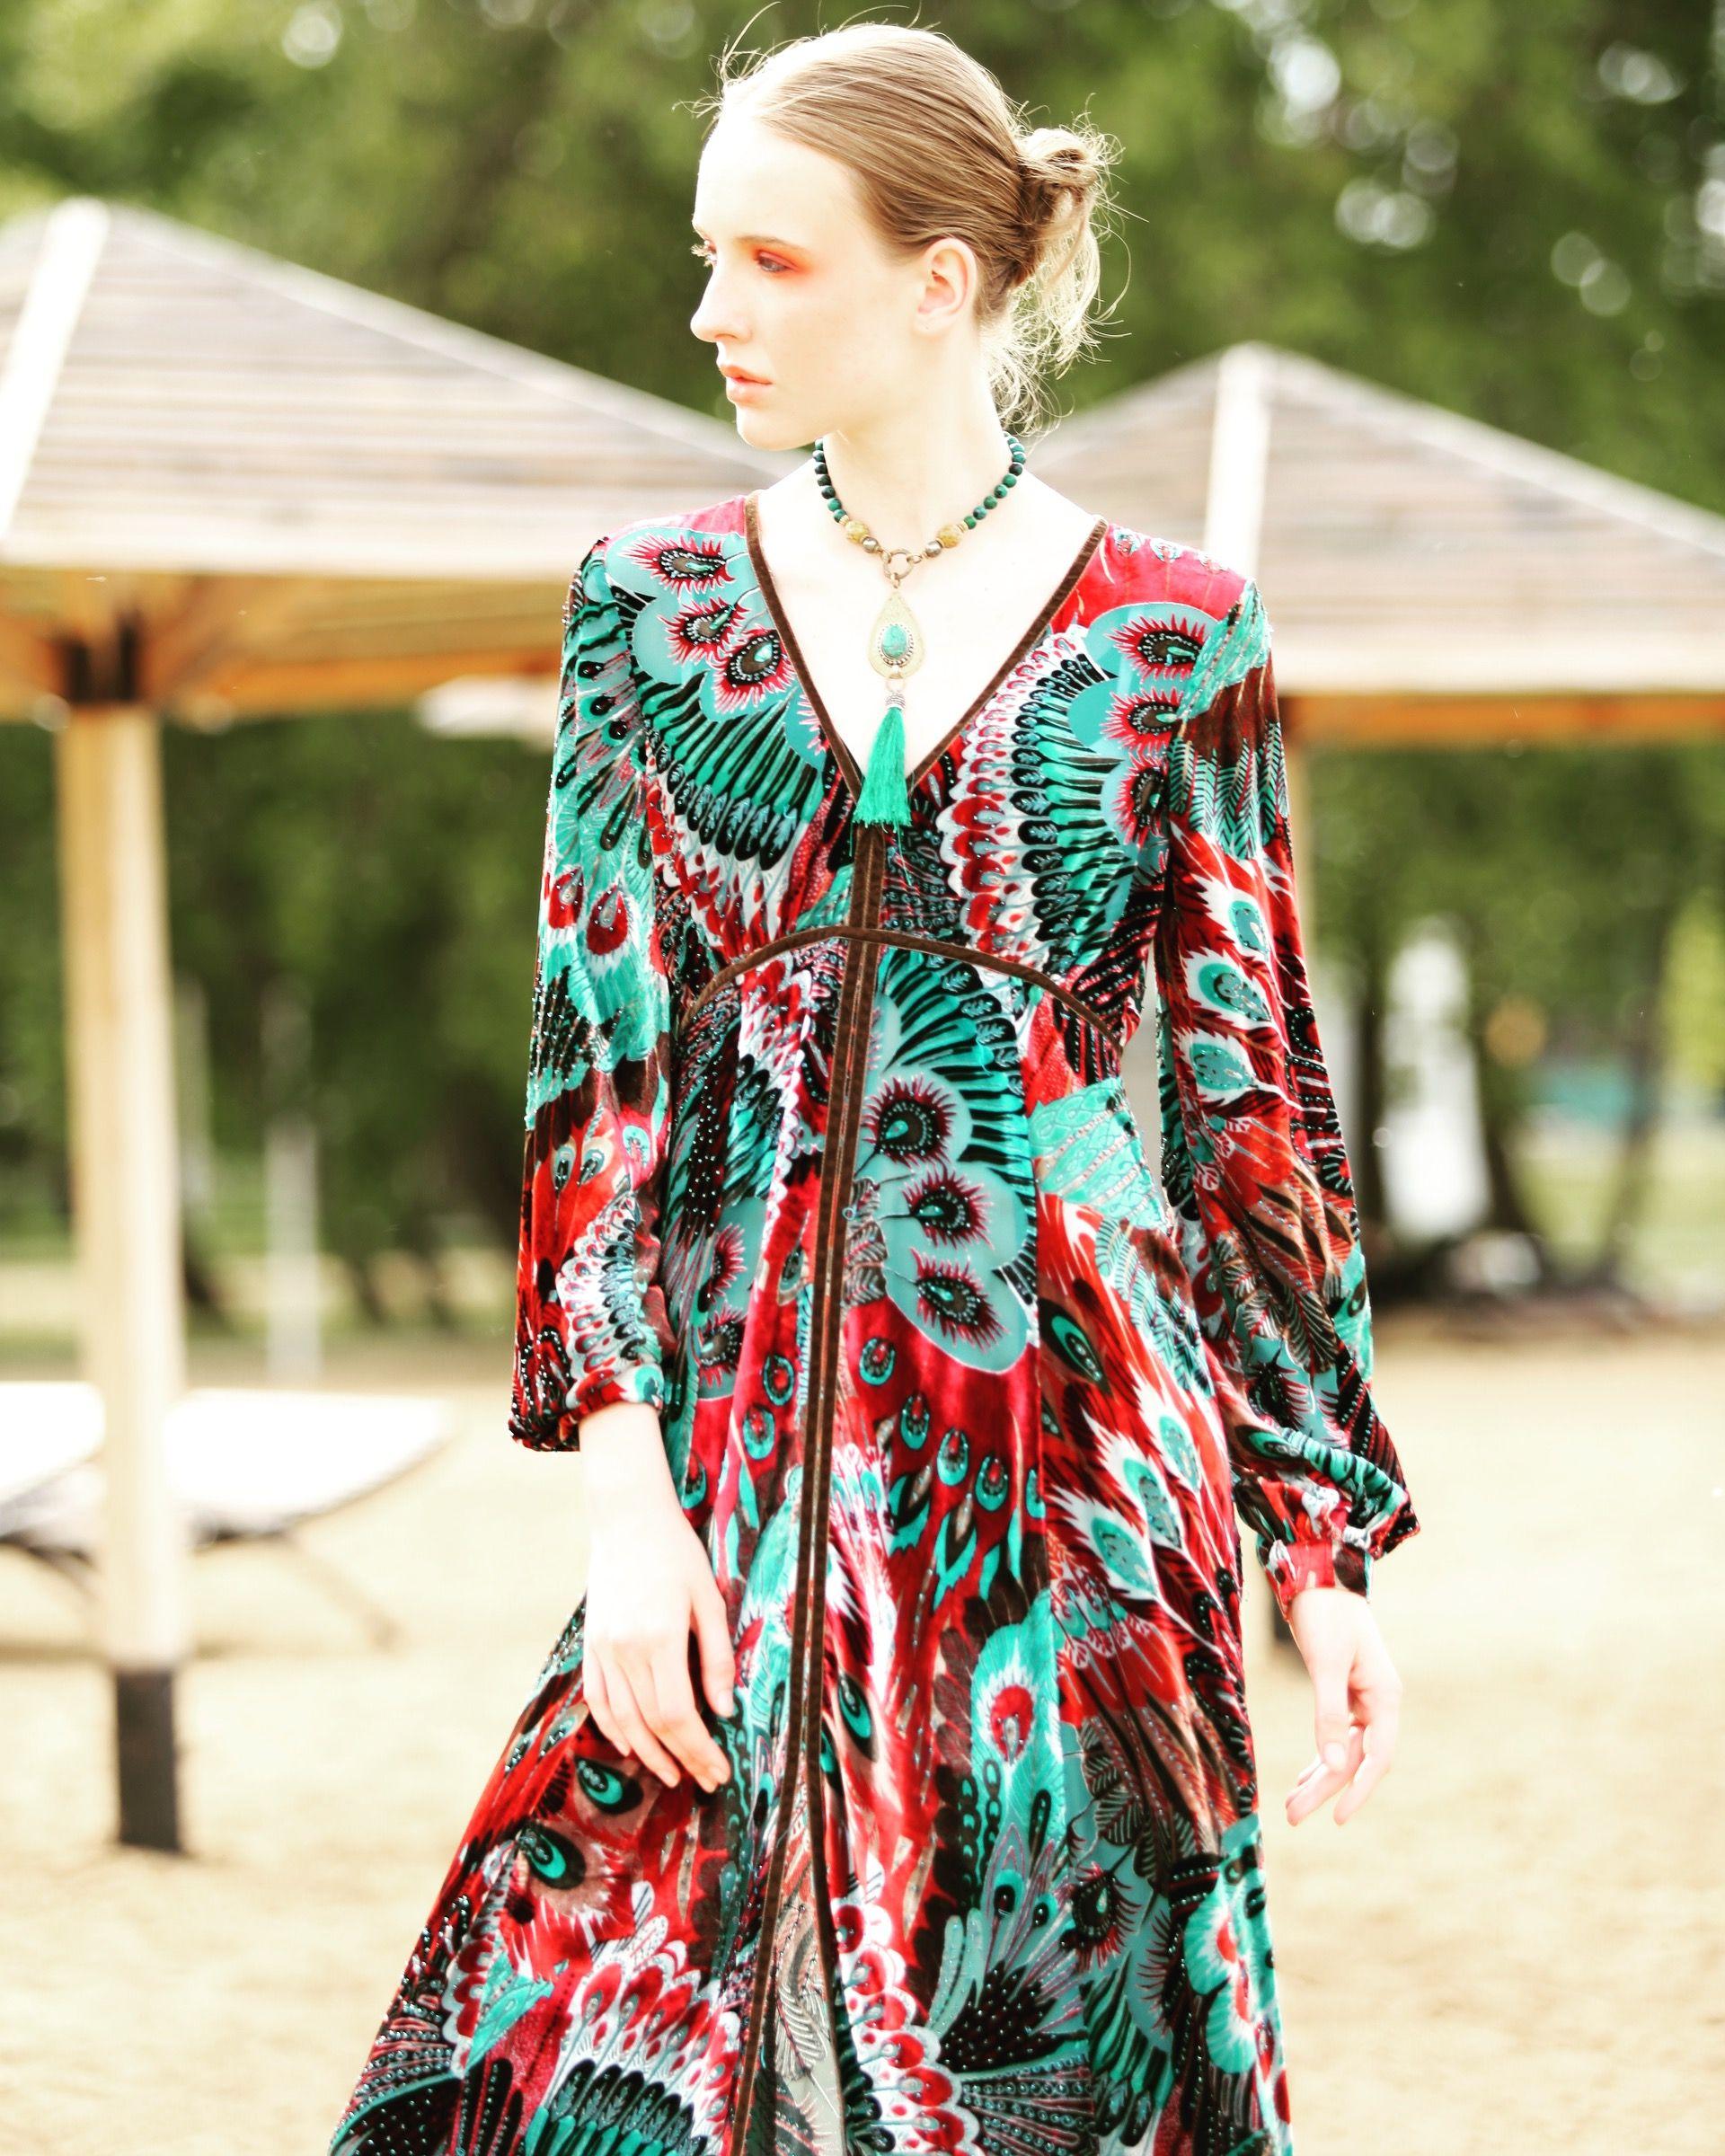 Aniiyya Velvet Trends 2019 Trends 2019 Kimono Top Tops Bell